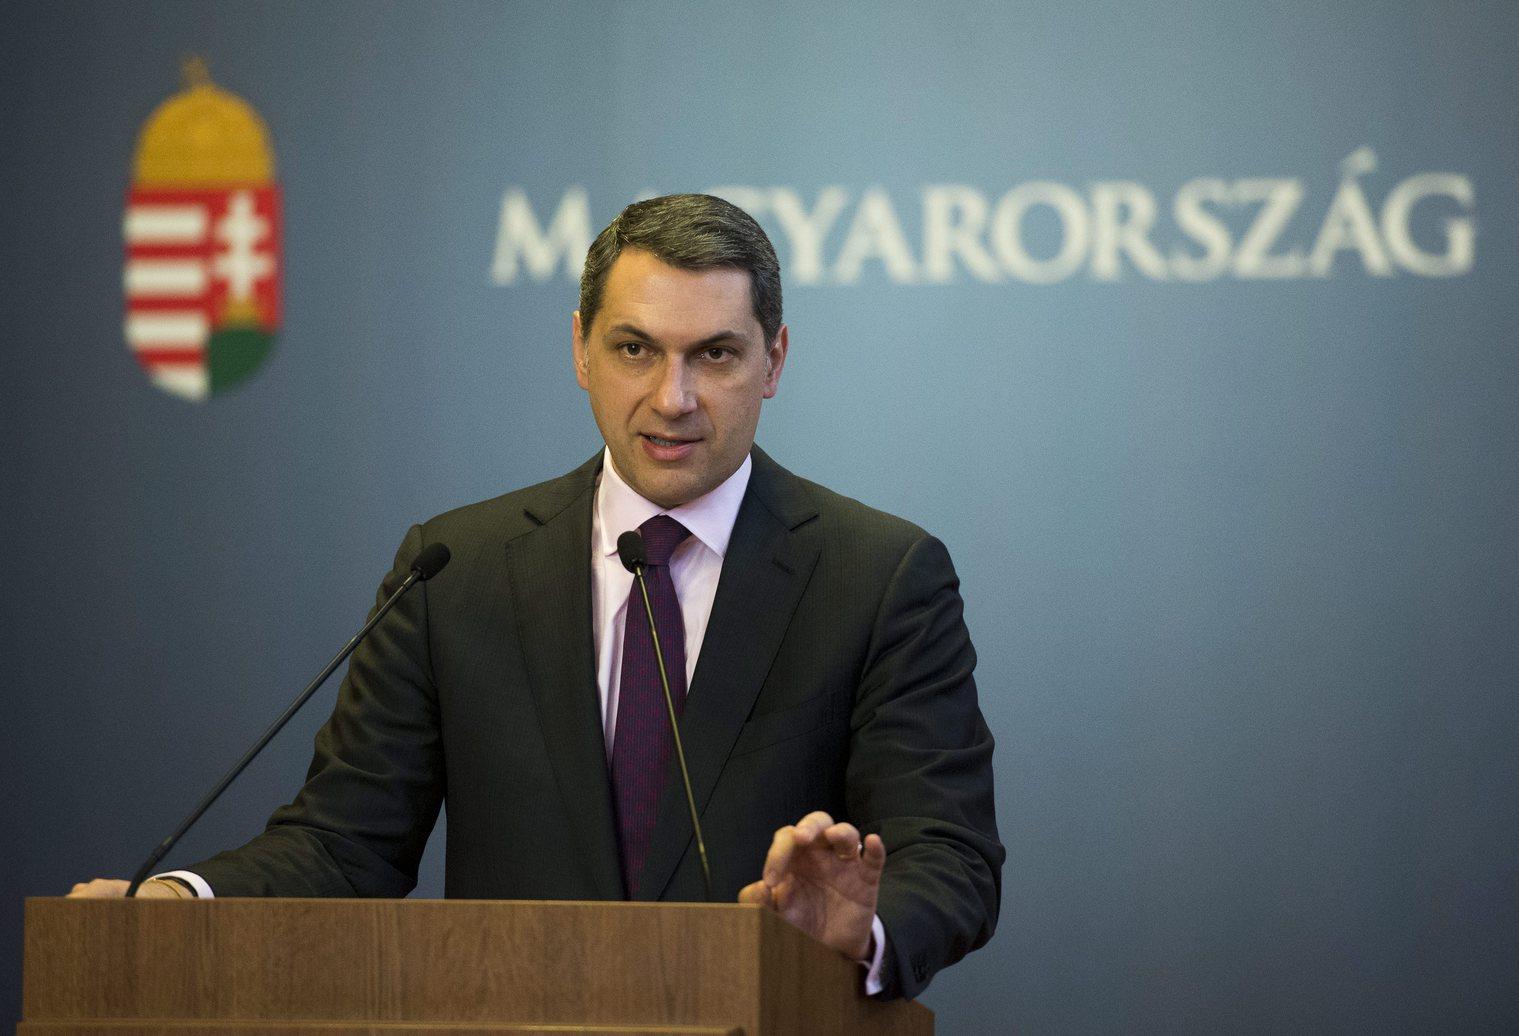 Lázár János, a Miniszterelnökséget vezető miniszter sajtótájékoztatót tart KORMÁNYINFO 40 - mit, miért tesz a kormány? címmel az Országházban 2016. február 18-án. MTI Fotó: Illyés Tibor